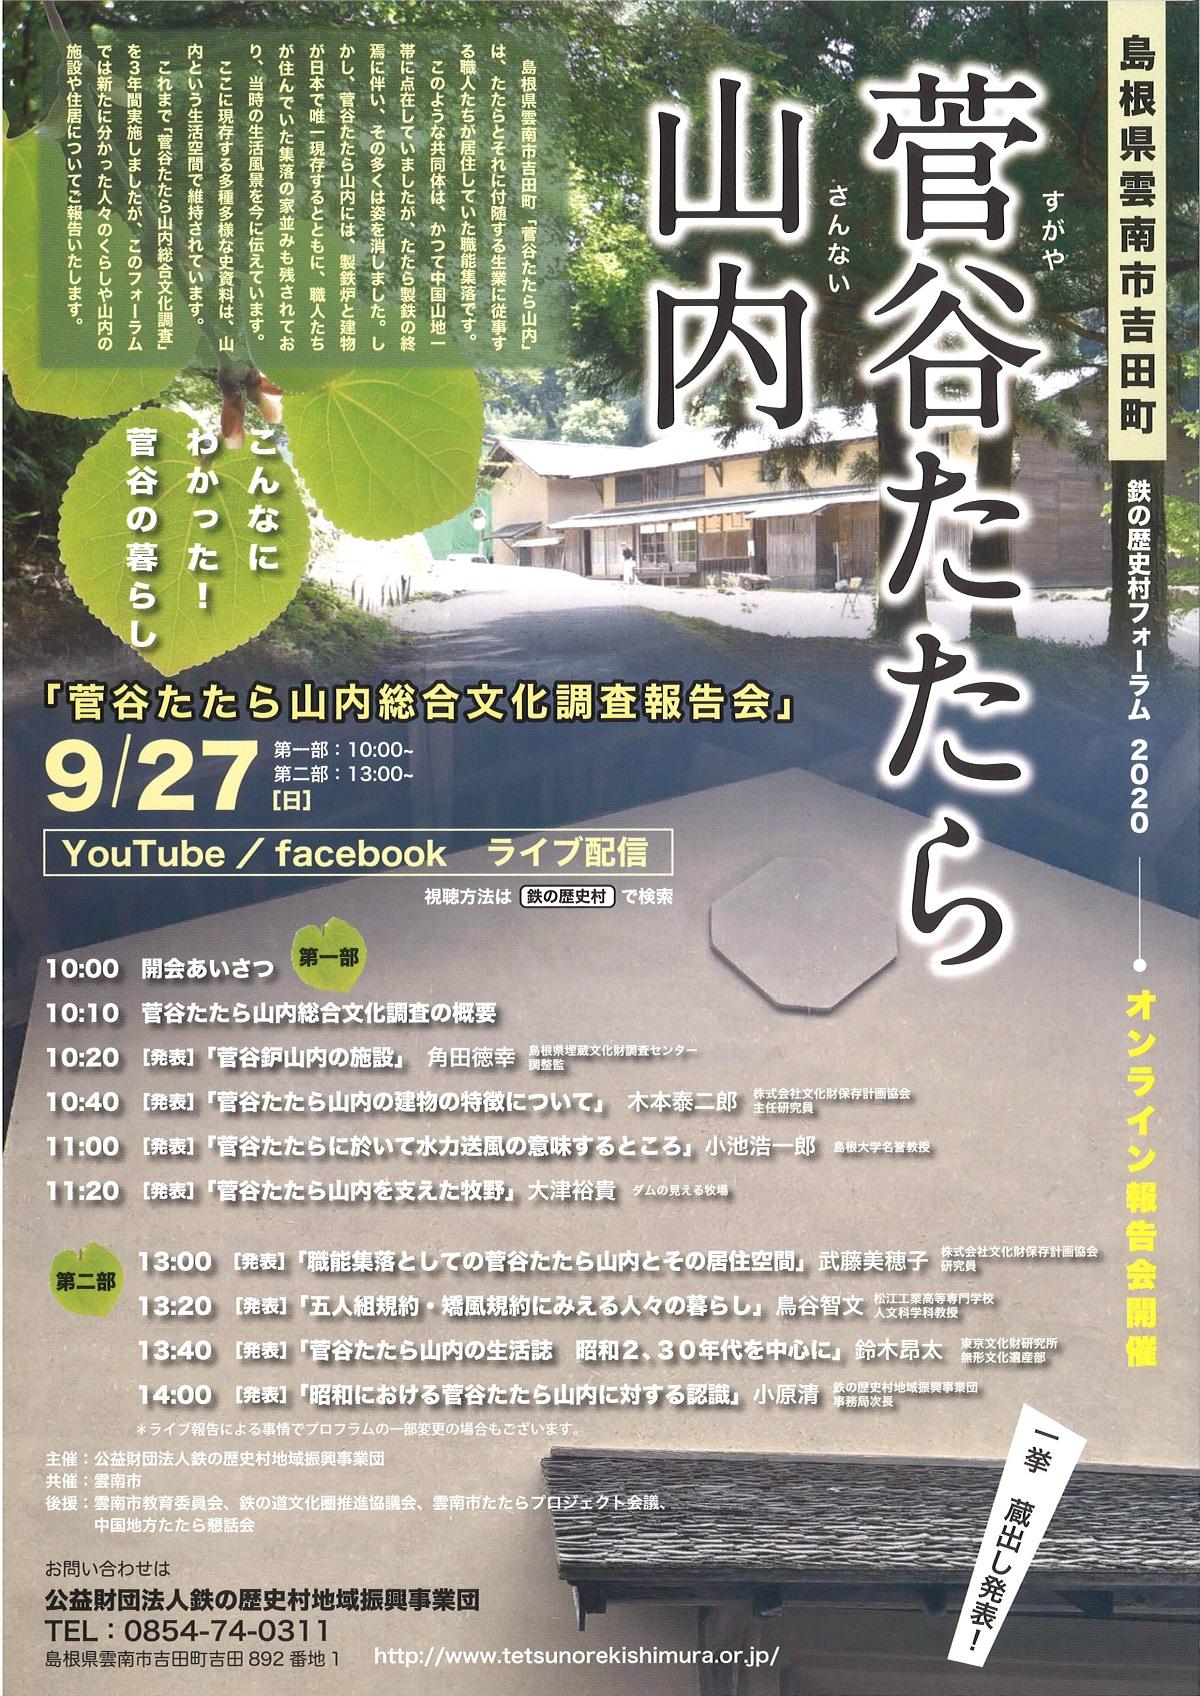 鉄の歴史村フォーラム2020 「菅谷たたら山内総合文化調査報告会」